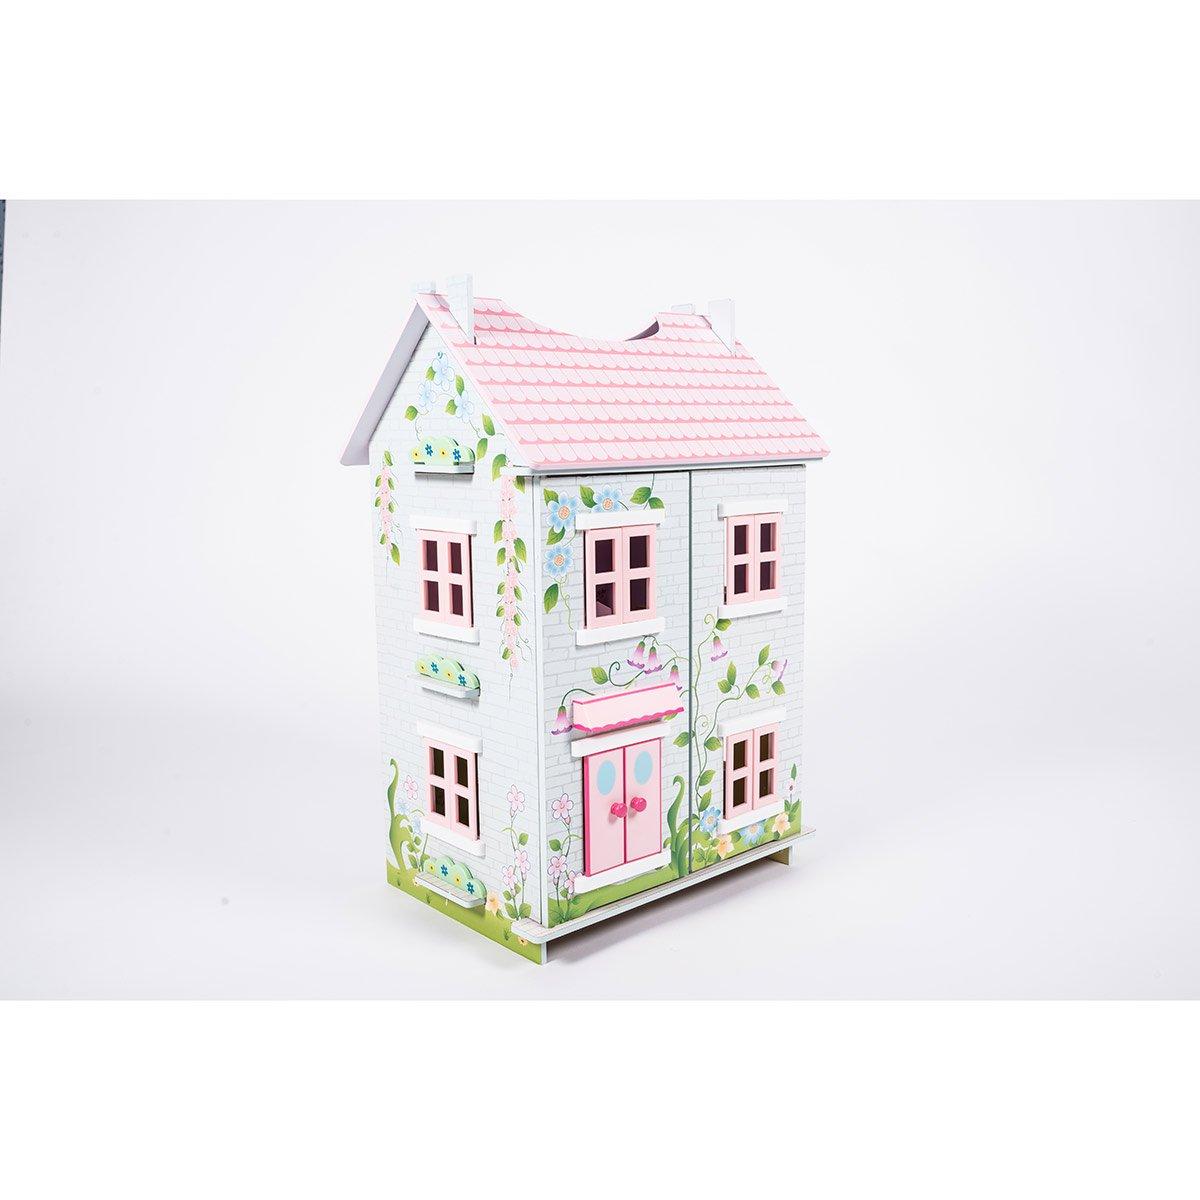 2 bébés Maison de Poupées Miniature